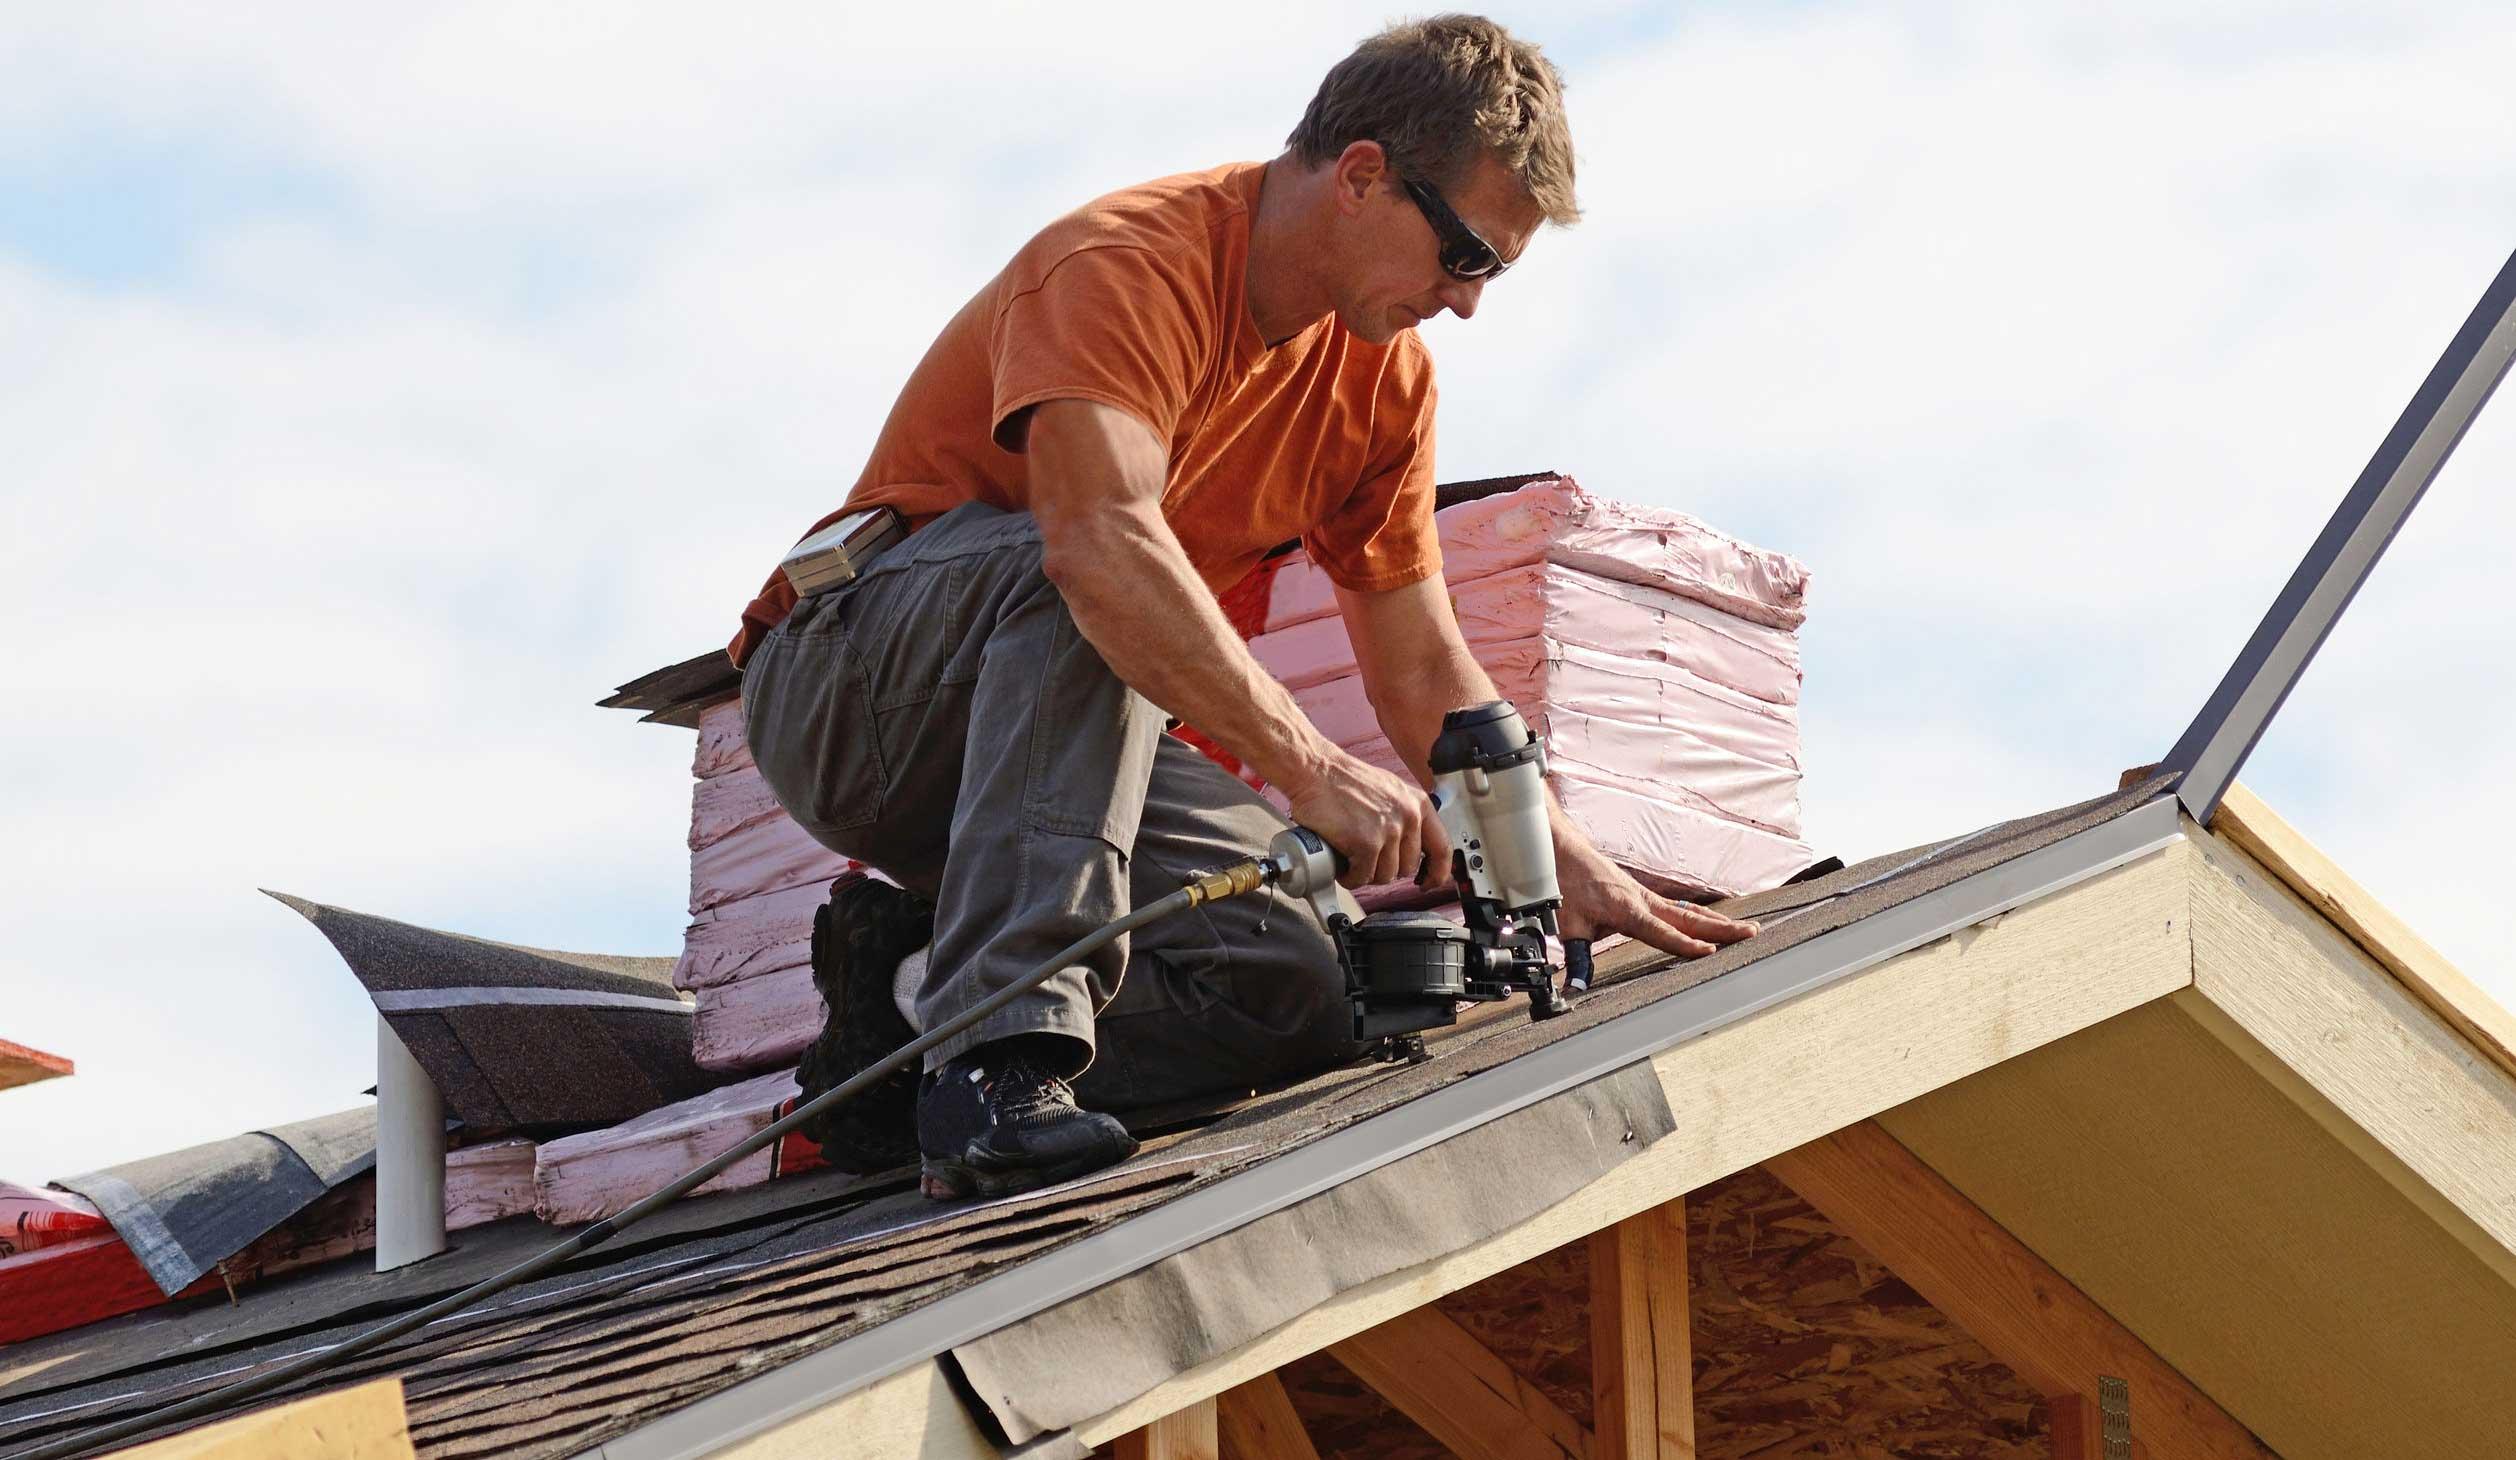 Чем покрыть крышу дома чтобы было качественно и недорого